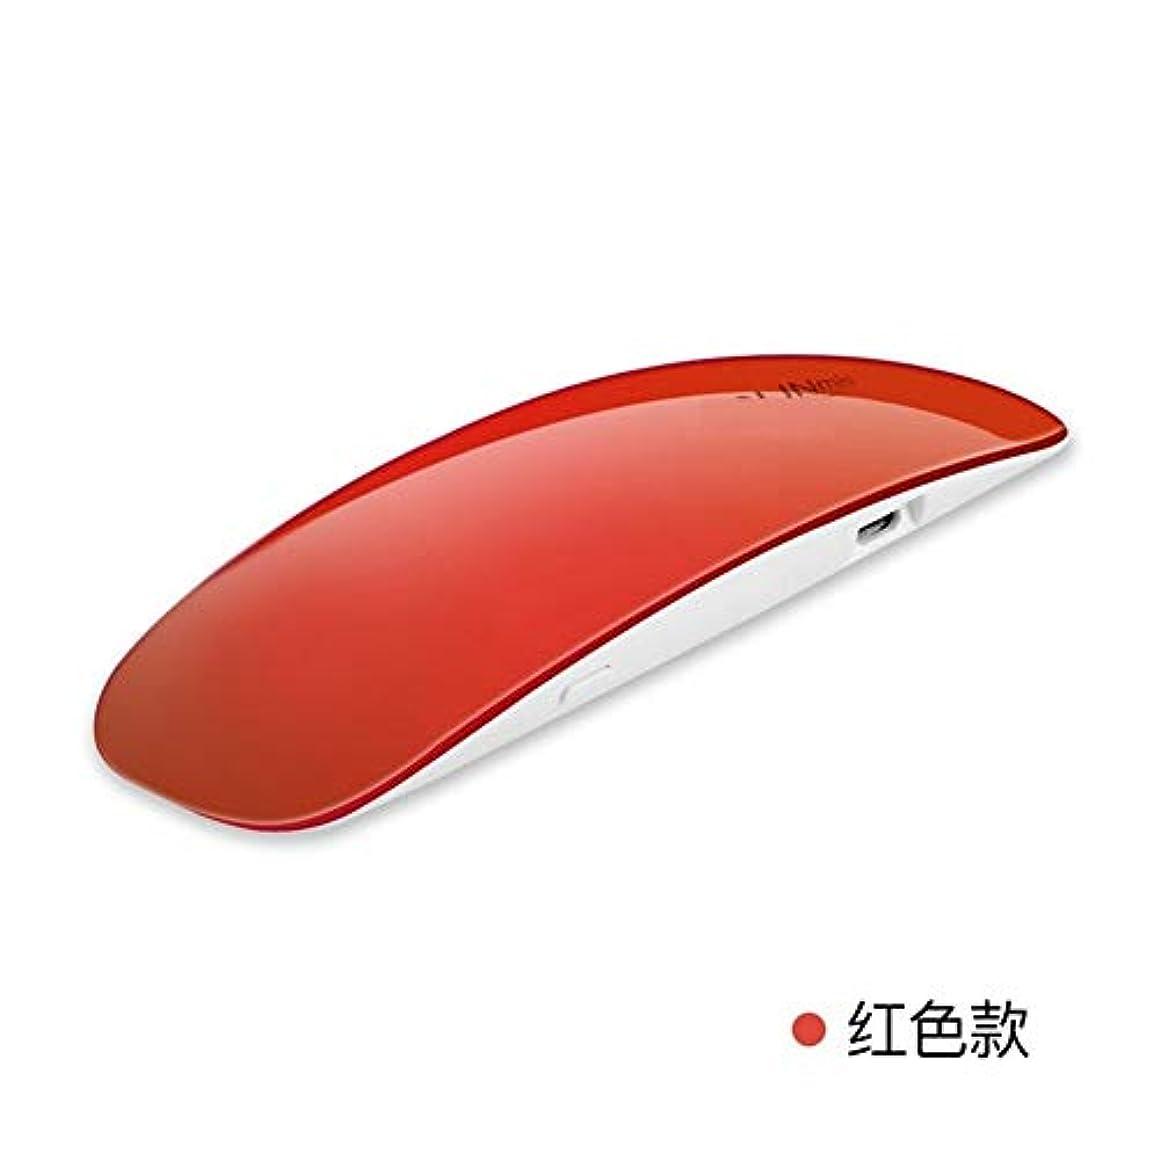 保証するまつげ意見LittleCat ネイルマウスランプライト光線療法マシンミニUSBベーキング日ランプLEDライトセラピーランプ乾燥 (色 : 赤)